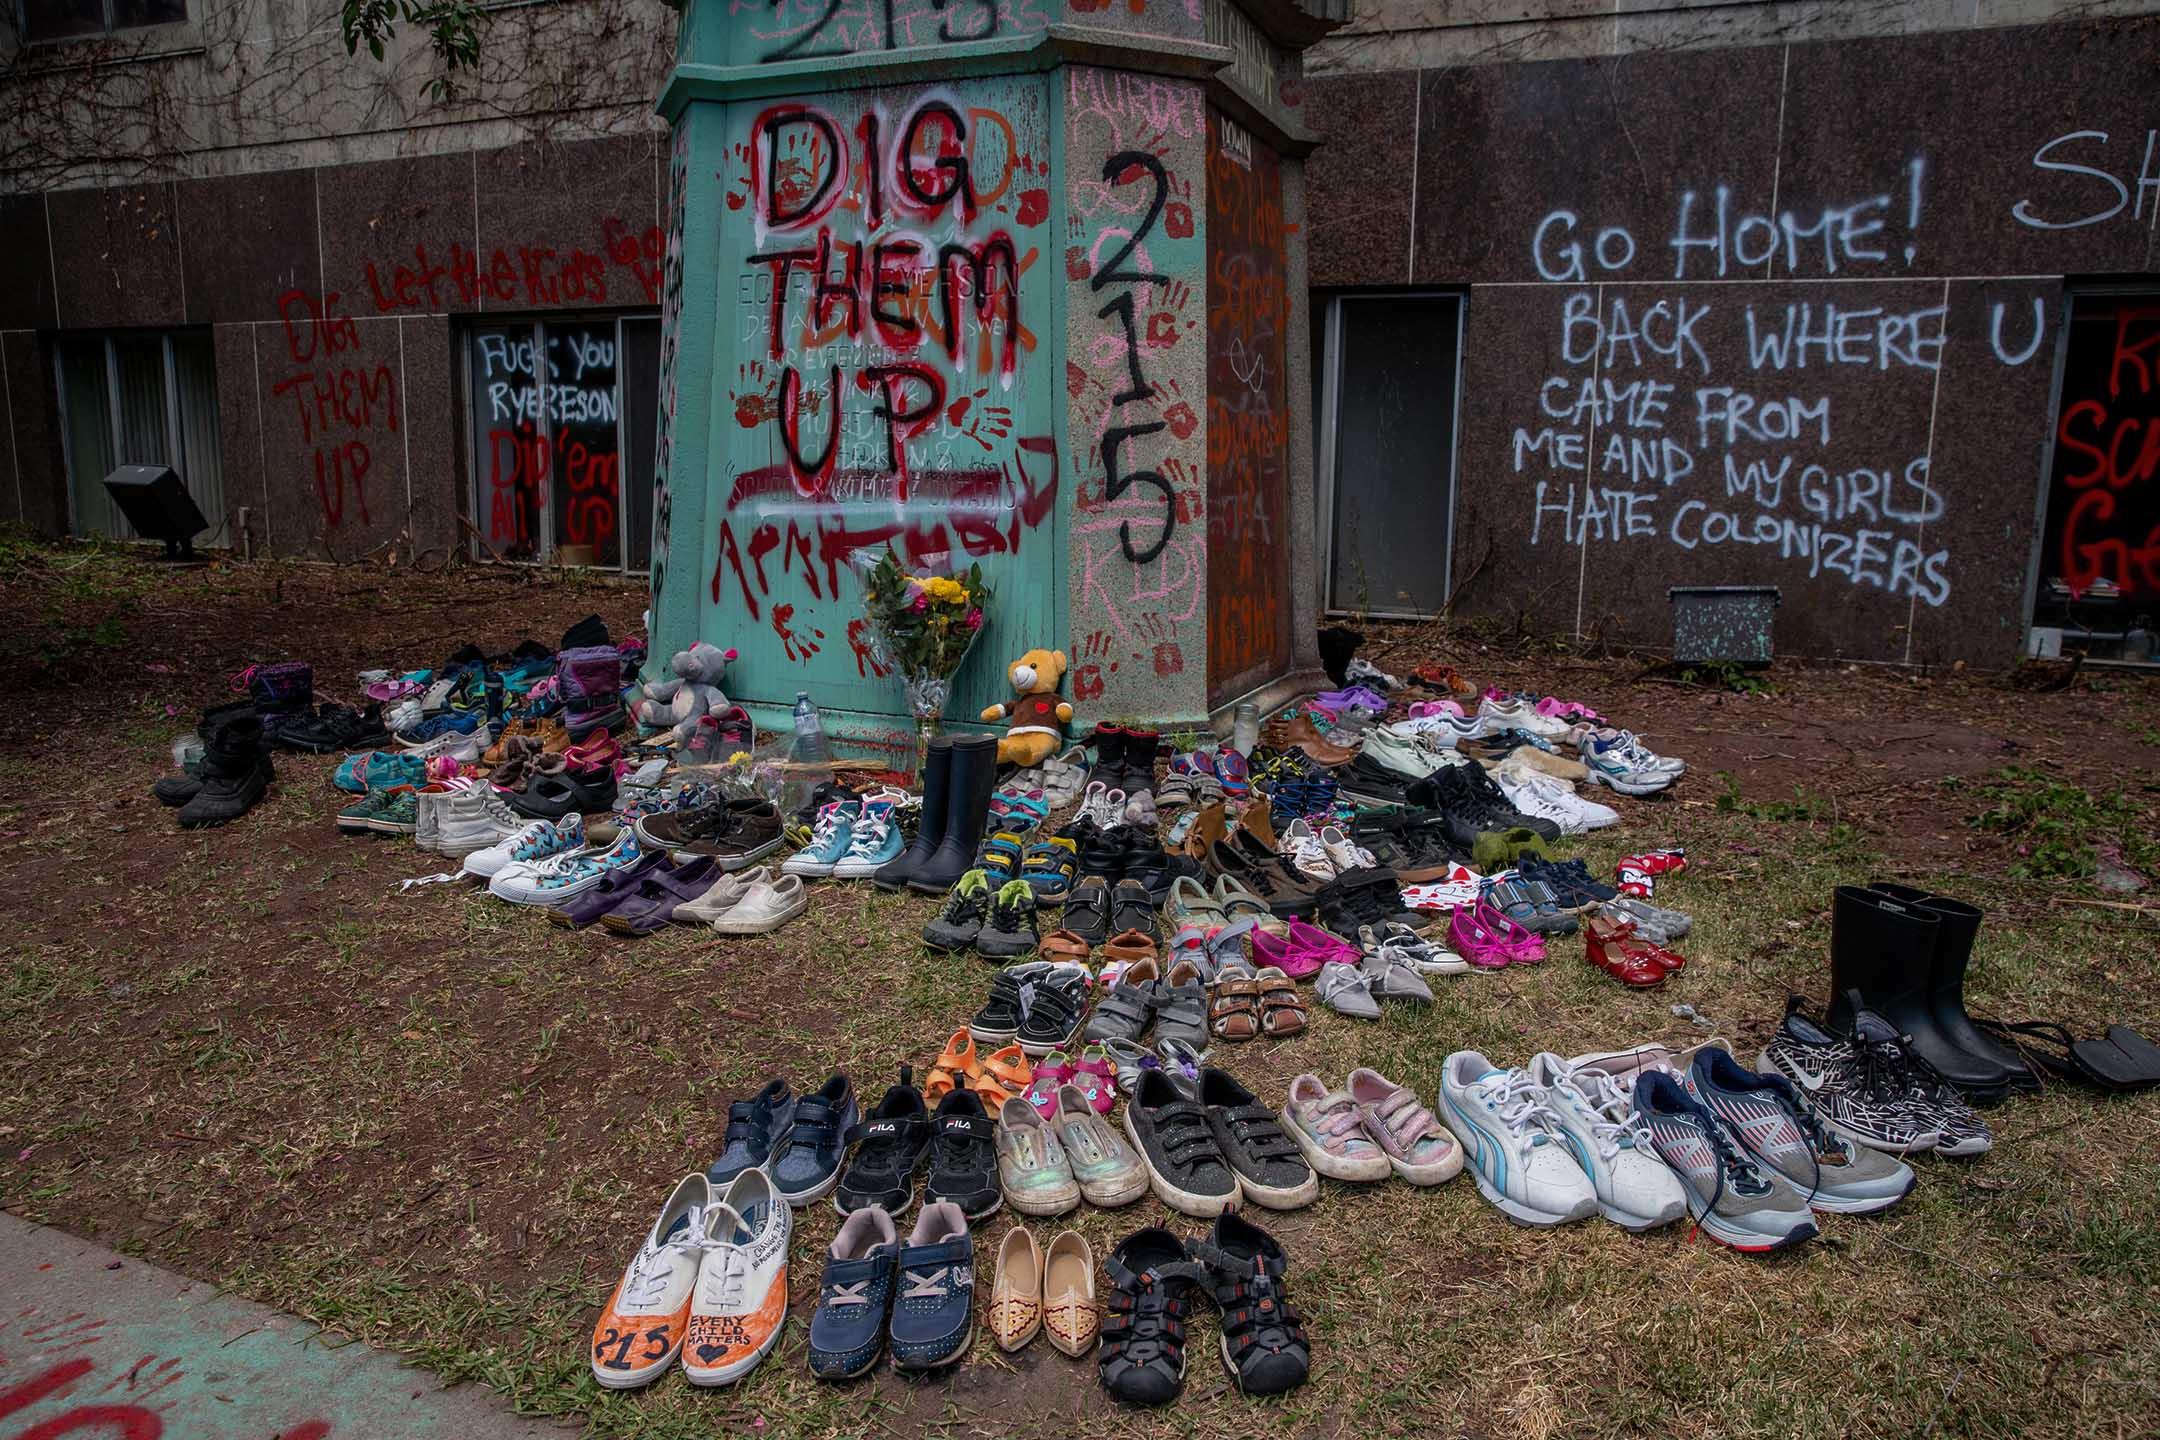 2021年6月1日加拿大多倫多瑞爾森大學,加拿大原住民寄宿學校創建者雕像旁放置了 215 只鞋子,紀念不列顛哥倫比亞省坎盧普斯市的寄宿學校内一個坑中發現的 215 具學生屍體。 攝:Shawn Goldberg/LightRocket via Getty Images